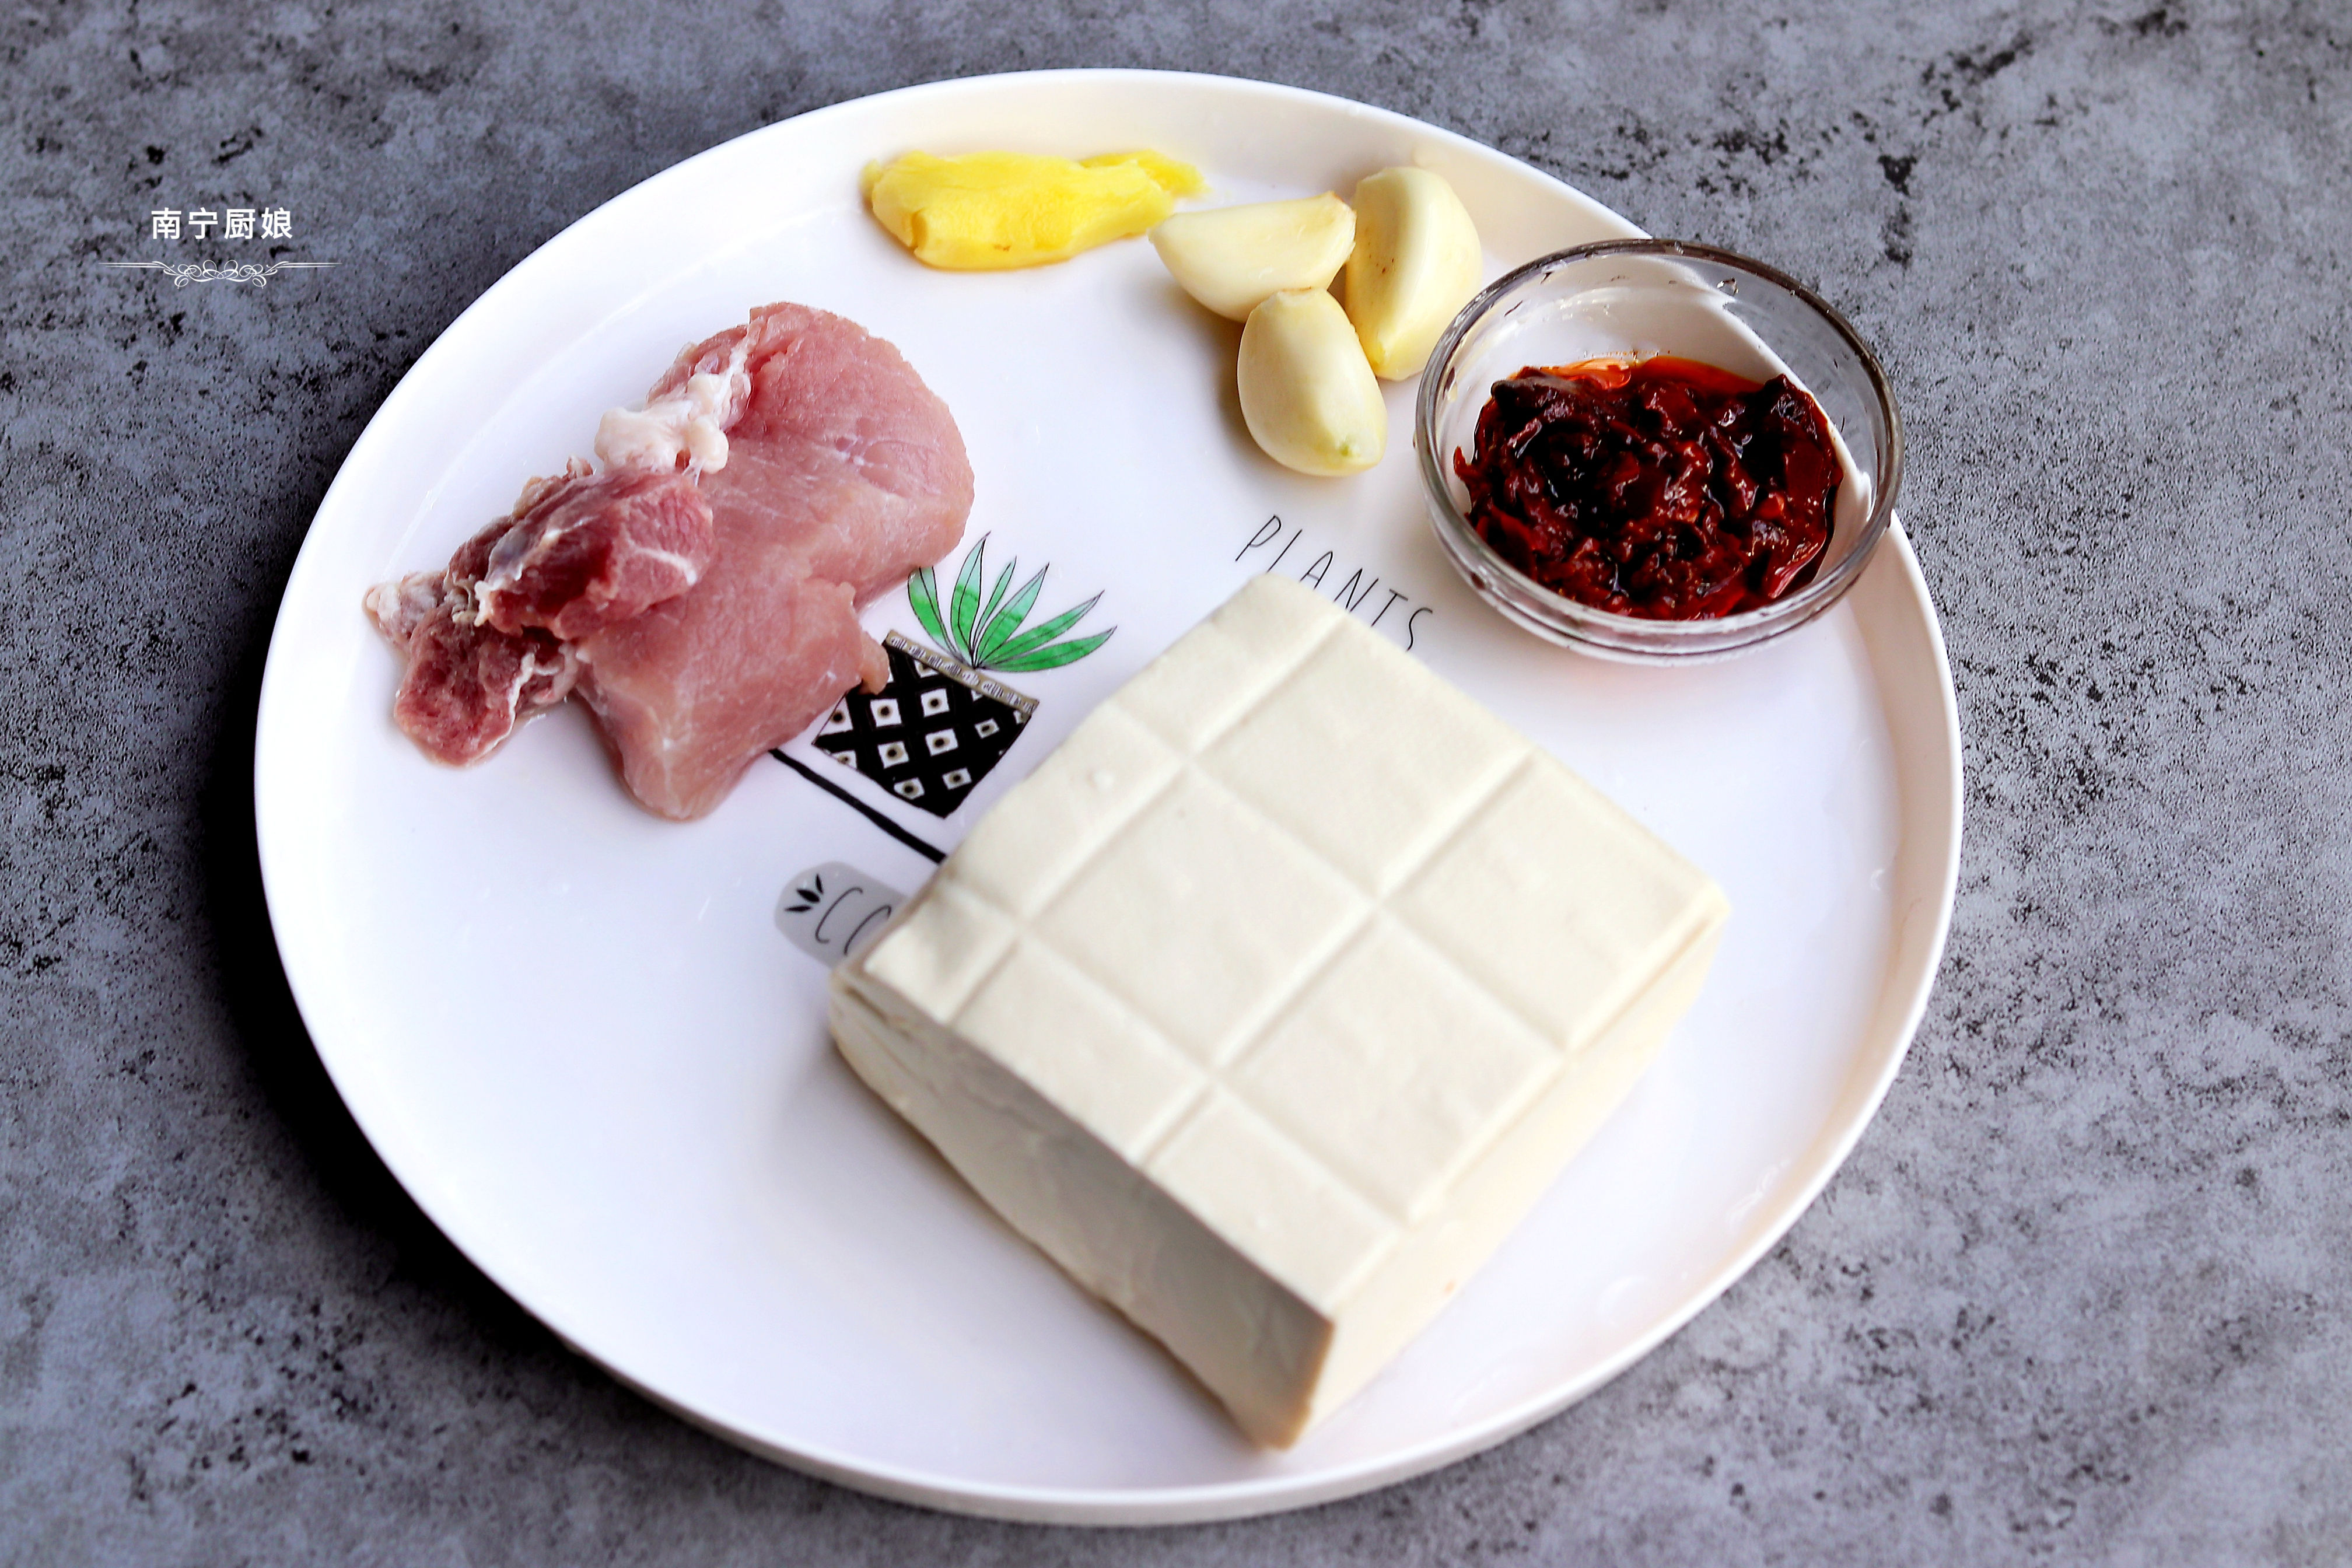 豆腐最饞人的做法,我家一周要吃5次才過癮,每次做一鍋飯不夠吃